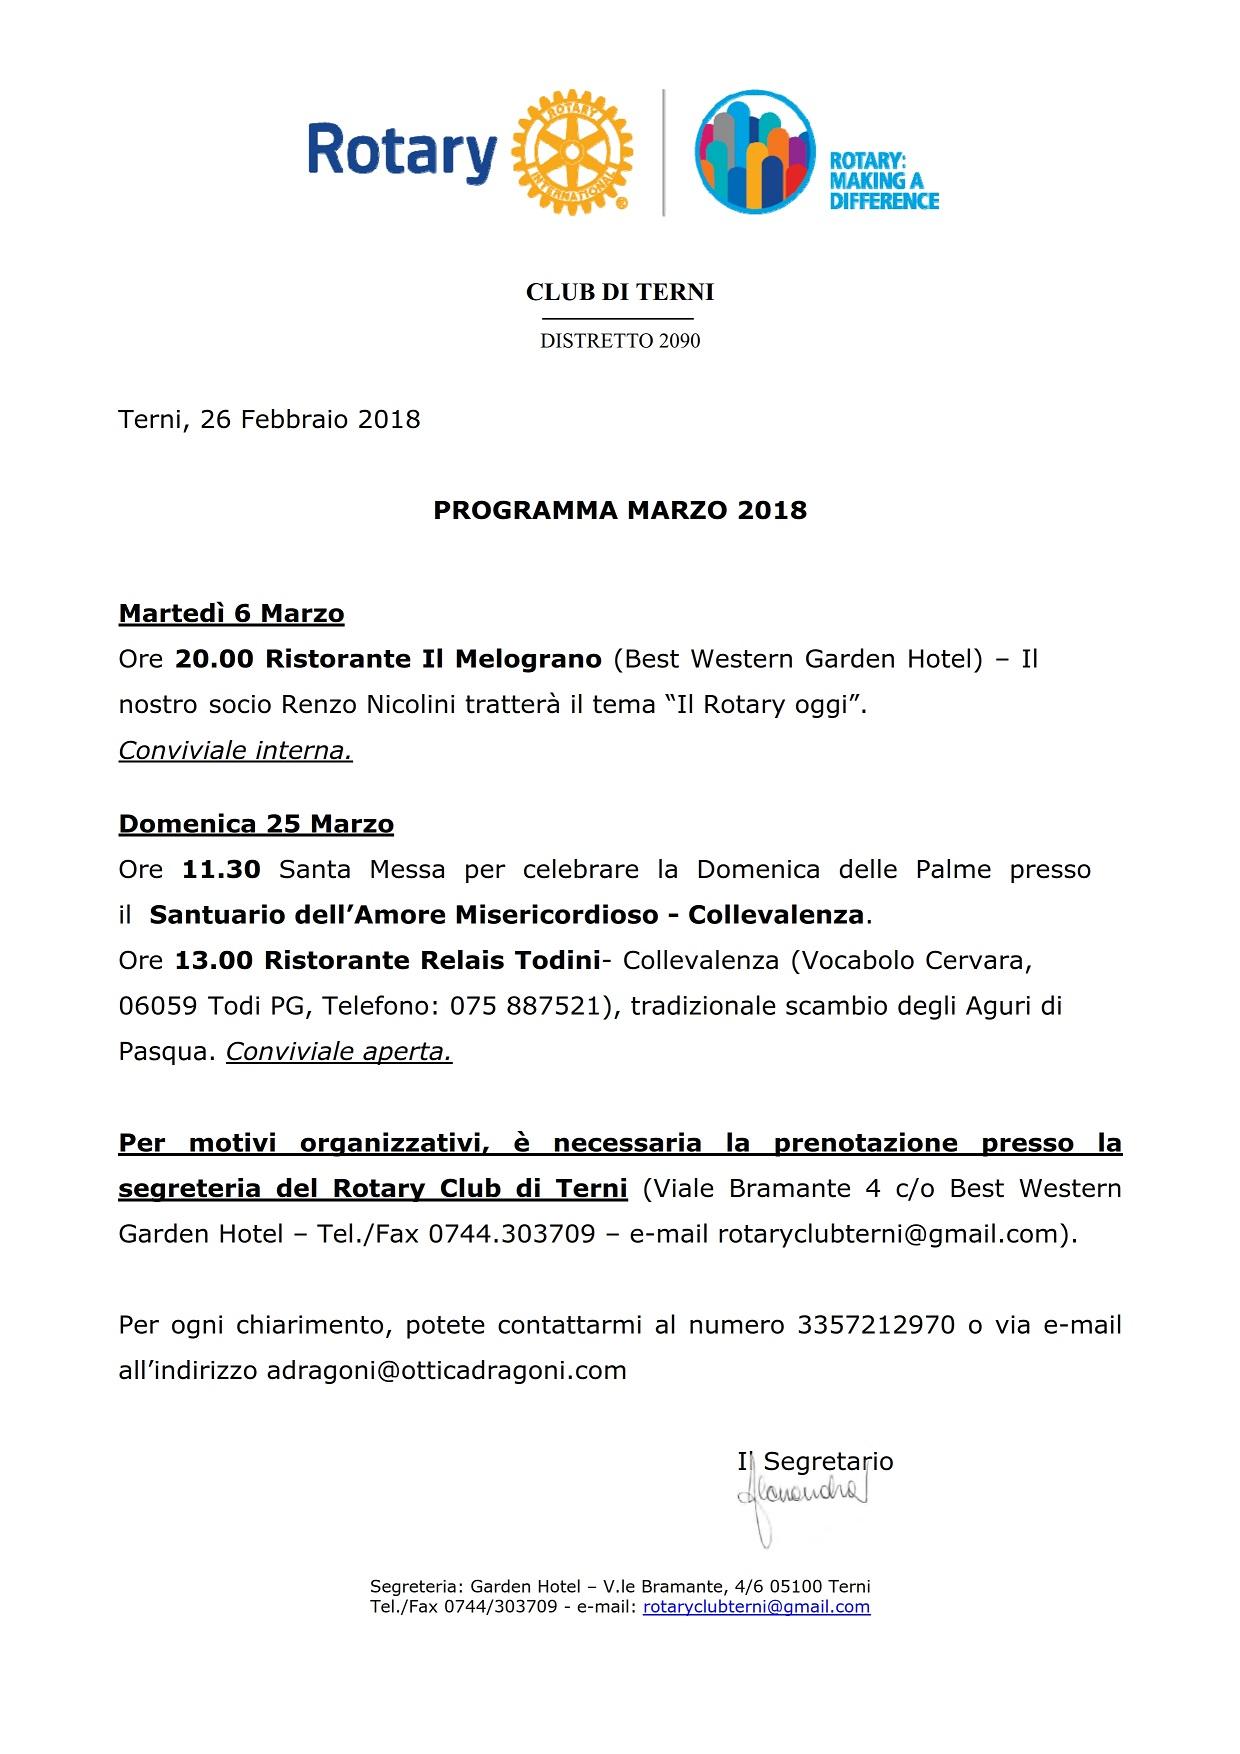 Programma Marzo 2018_001